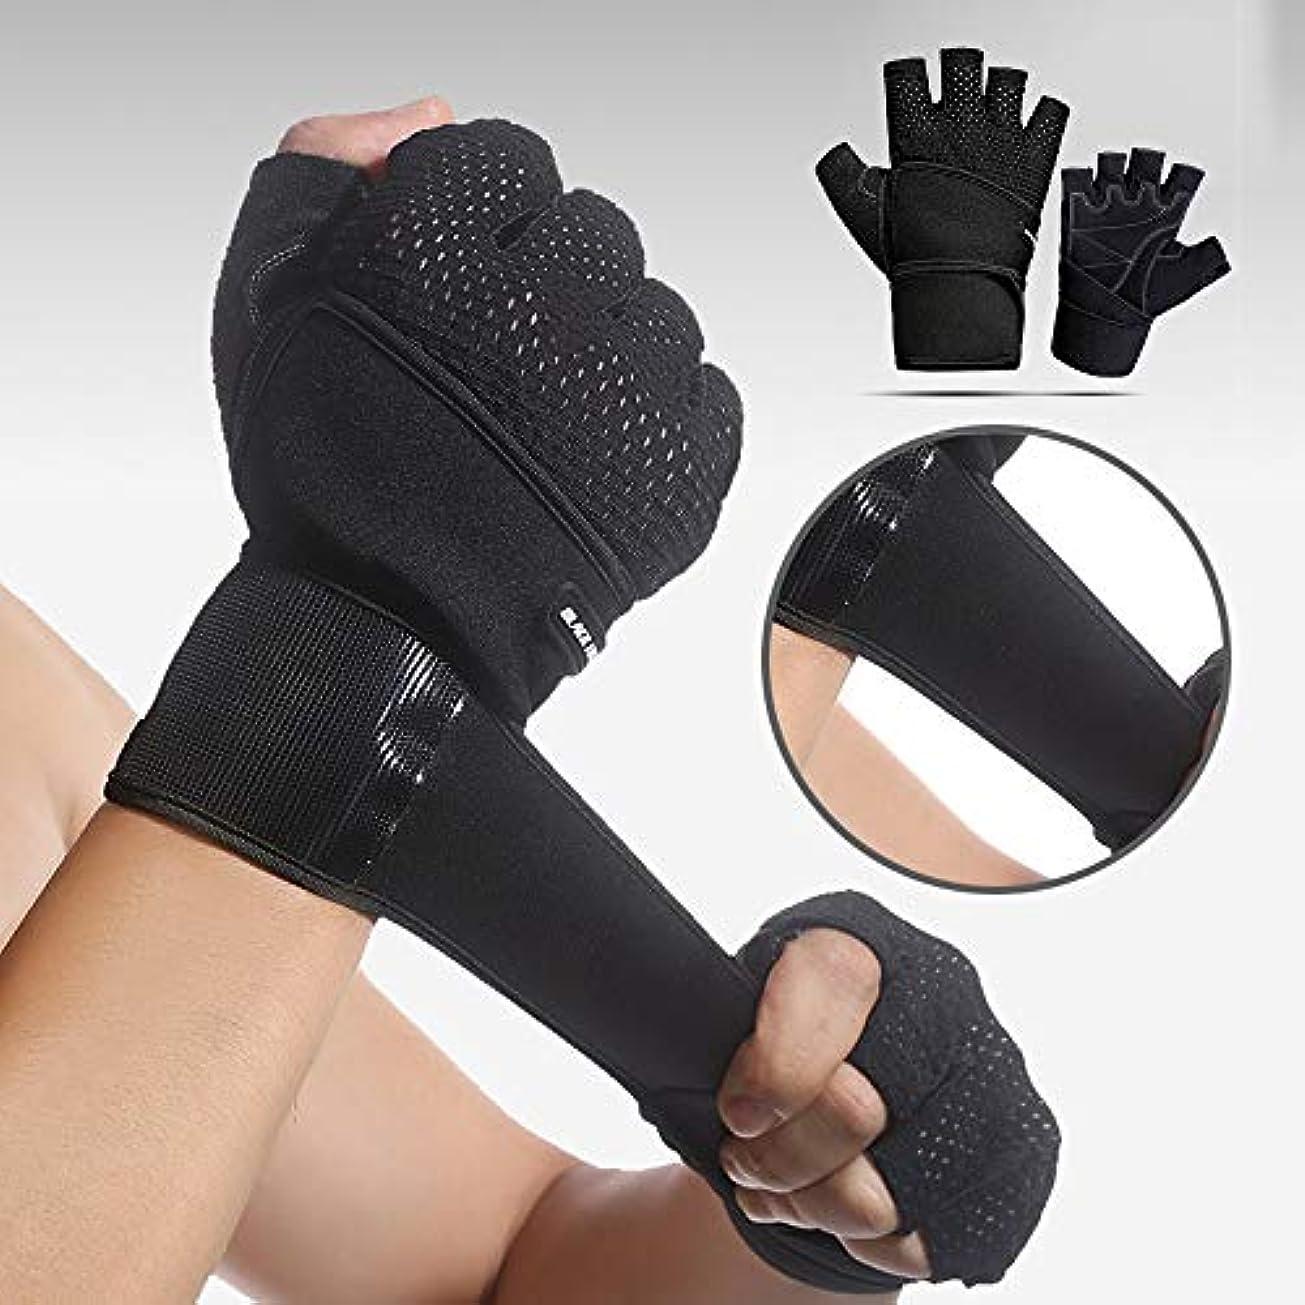 幸福面変動する関節炎手袋、圧縮関節炎グローブアウトドアスポーツフィットネスグローブサイクリングトレーニング通気性ブレーサー、圧縮、ハーフフィンガーグローブ